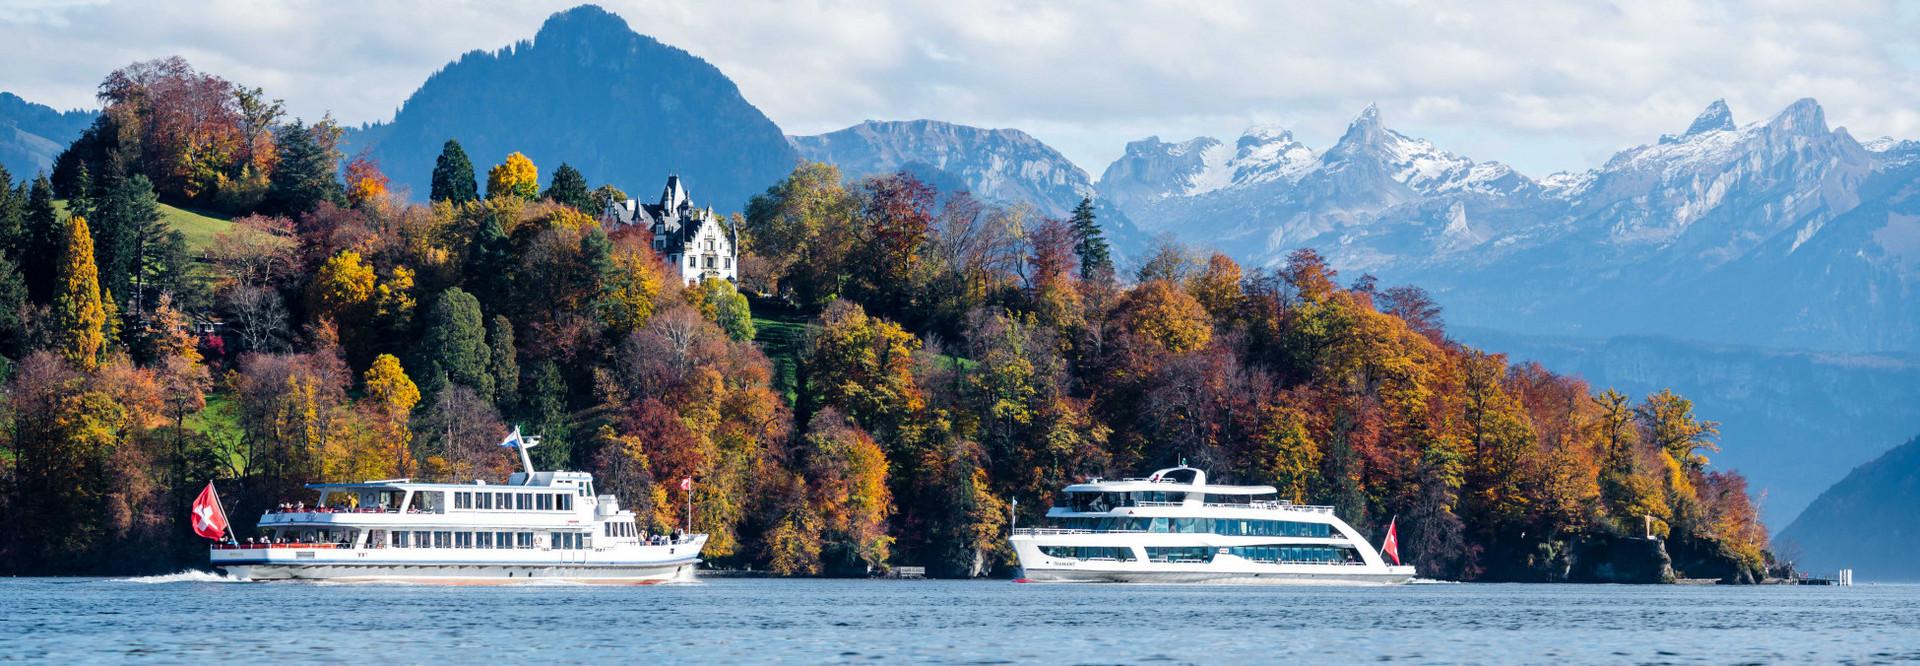 Zwei Motorschiffe kreuzen sich vor dem Meggenhorn - im Hintergrund sind die Berge sowie die schöne Herbststimmung zu sehen